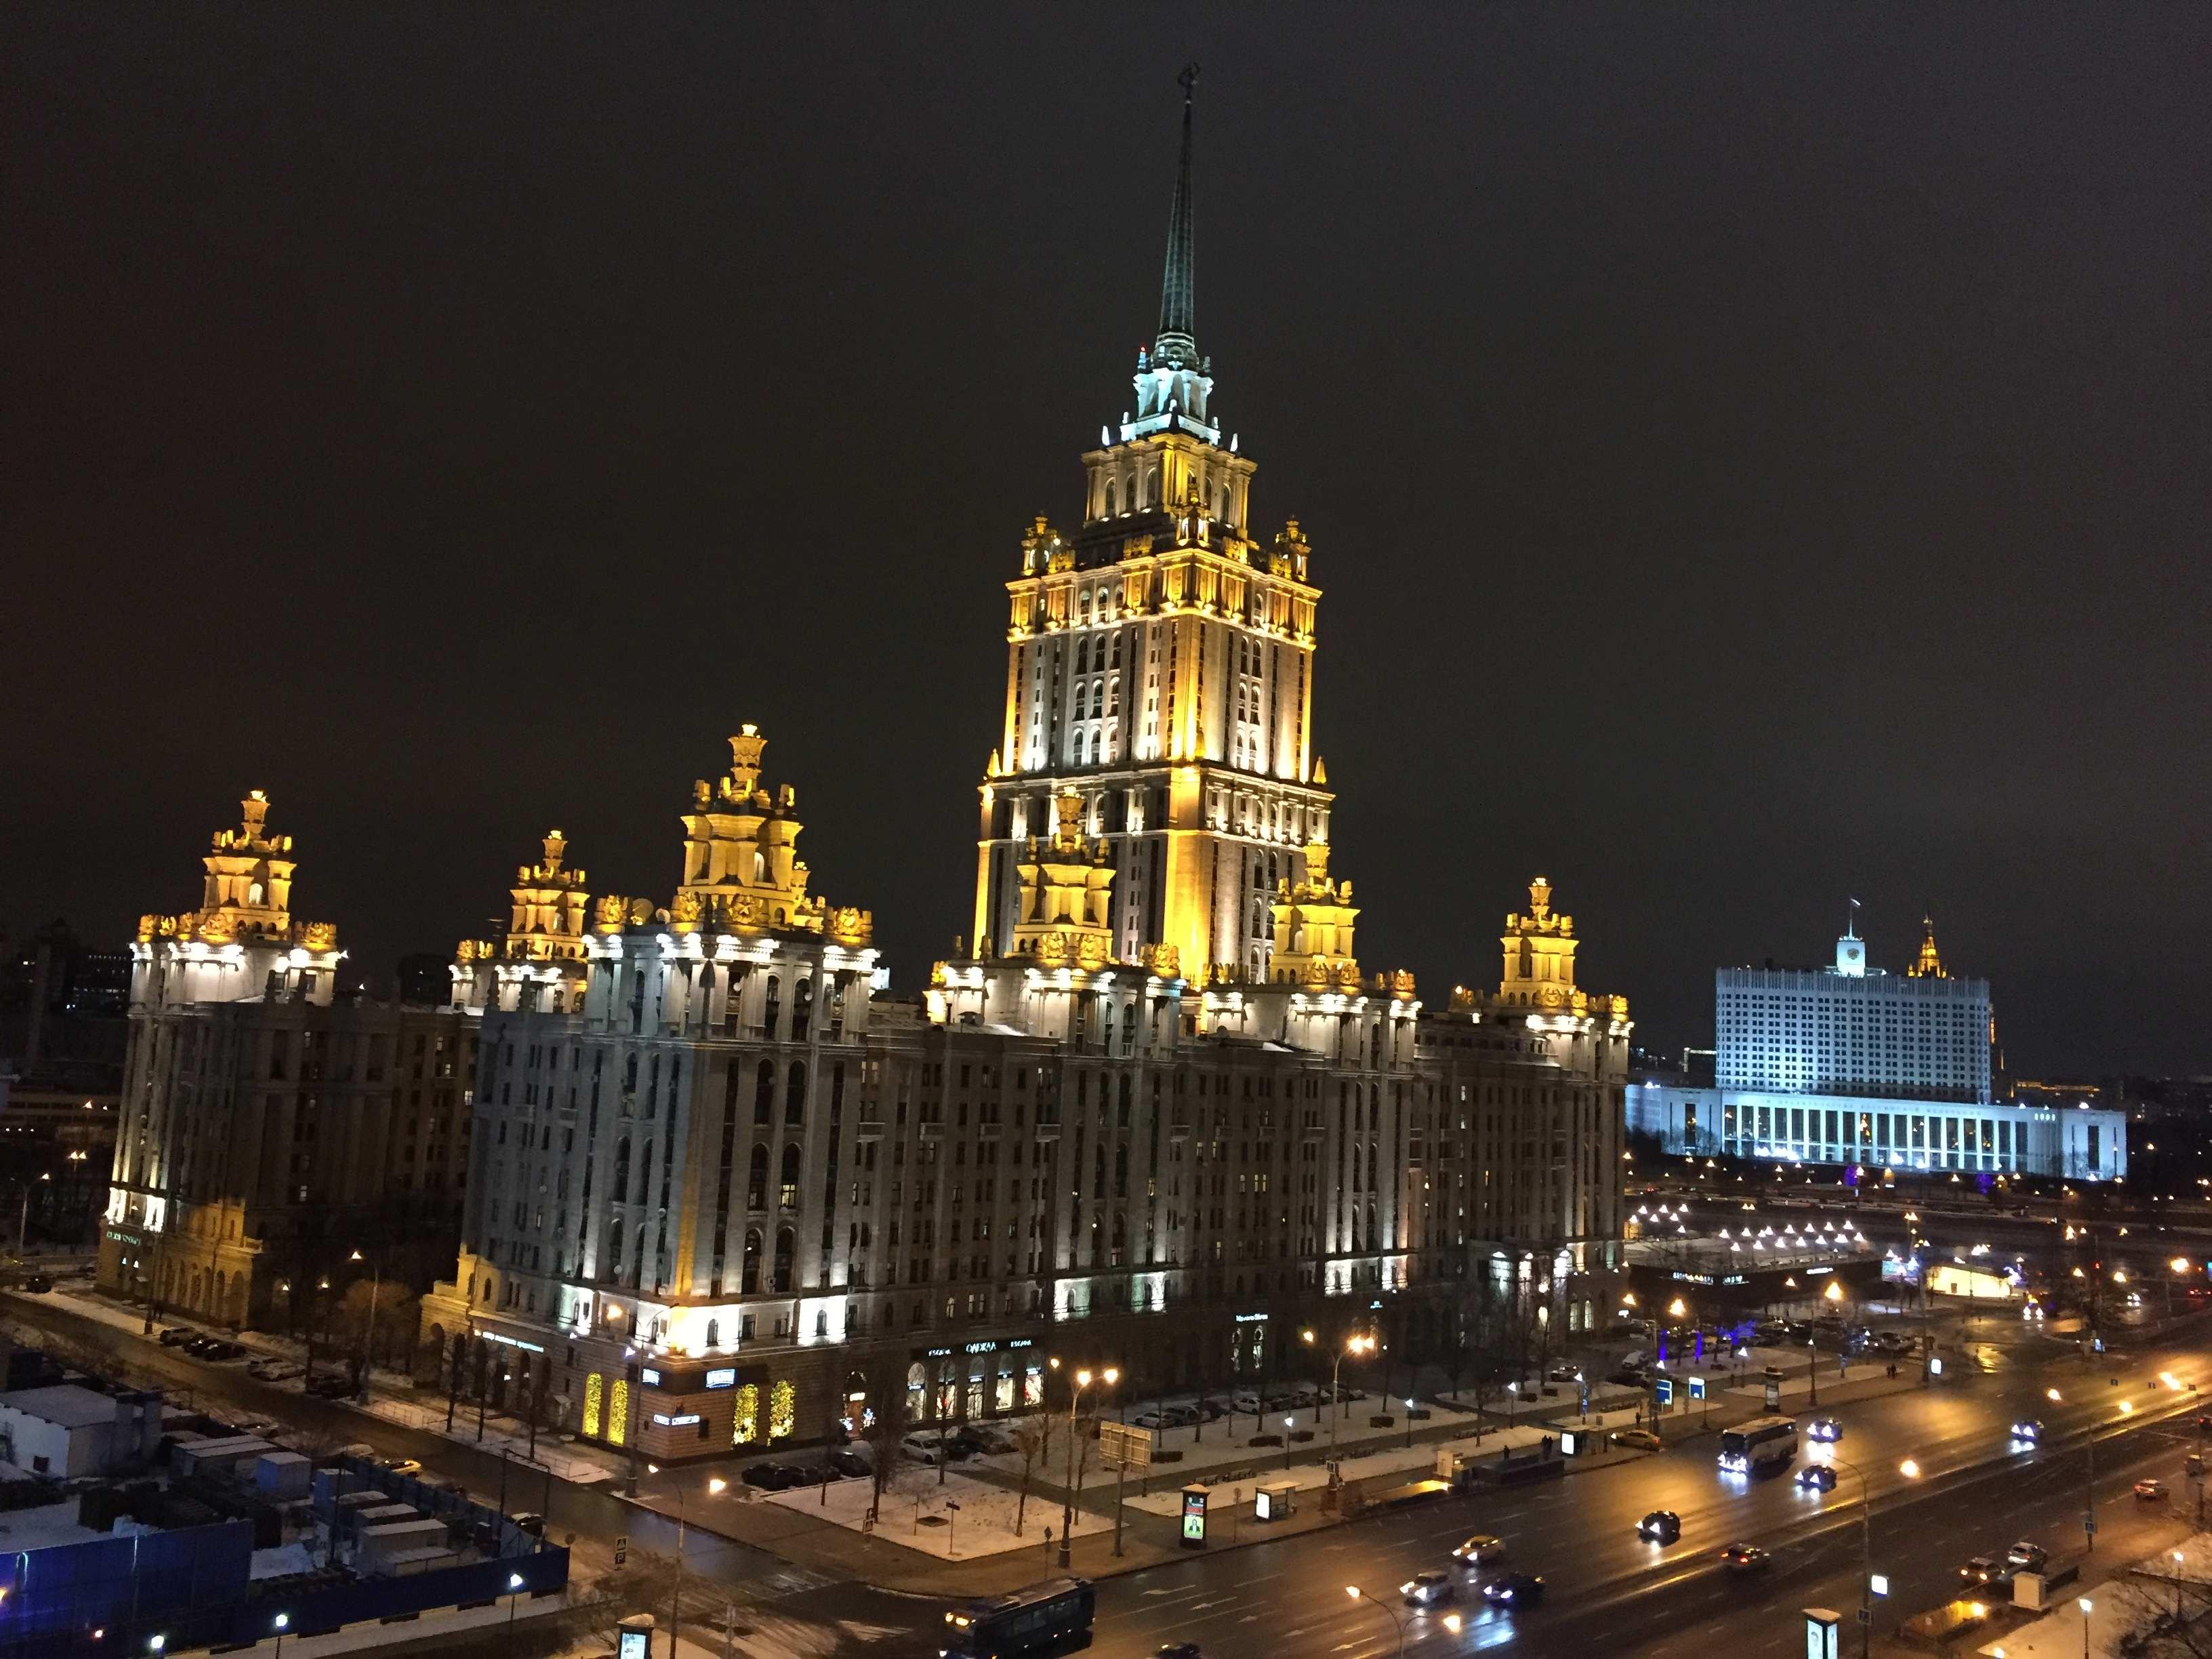 Das Hotel Ukraina, im Hintergrund das Weiße Haus, Sitz der russischen Regierung